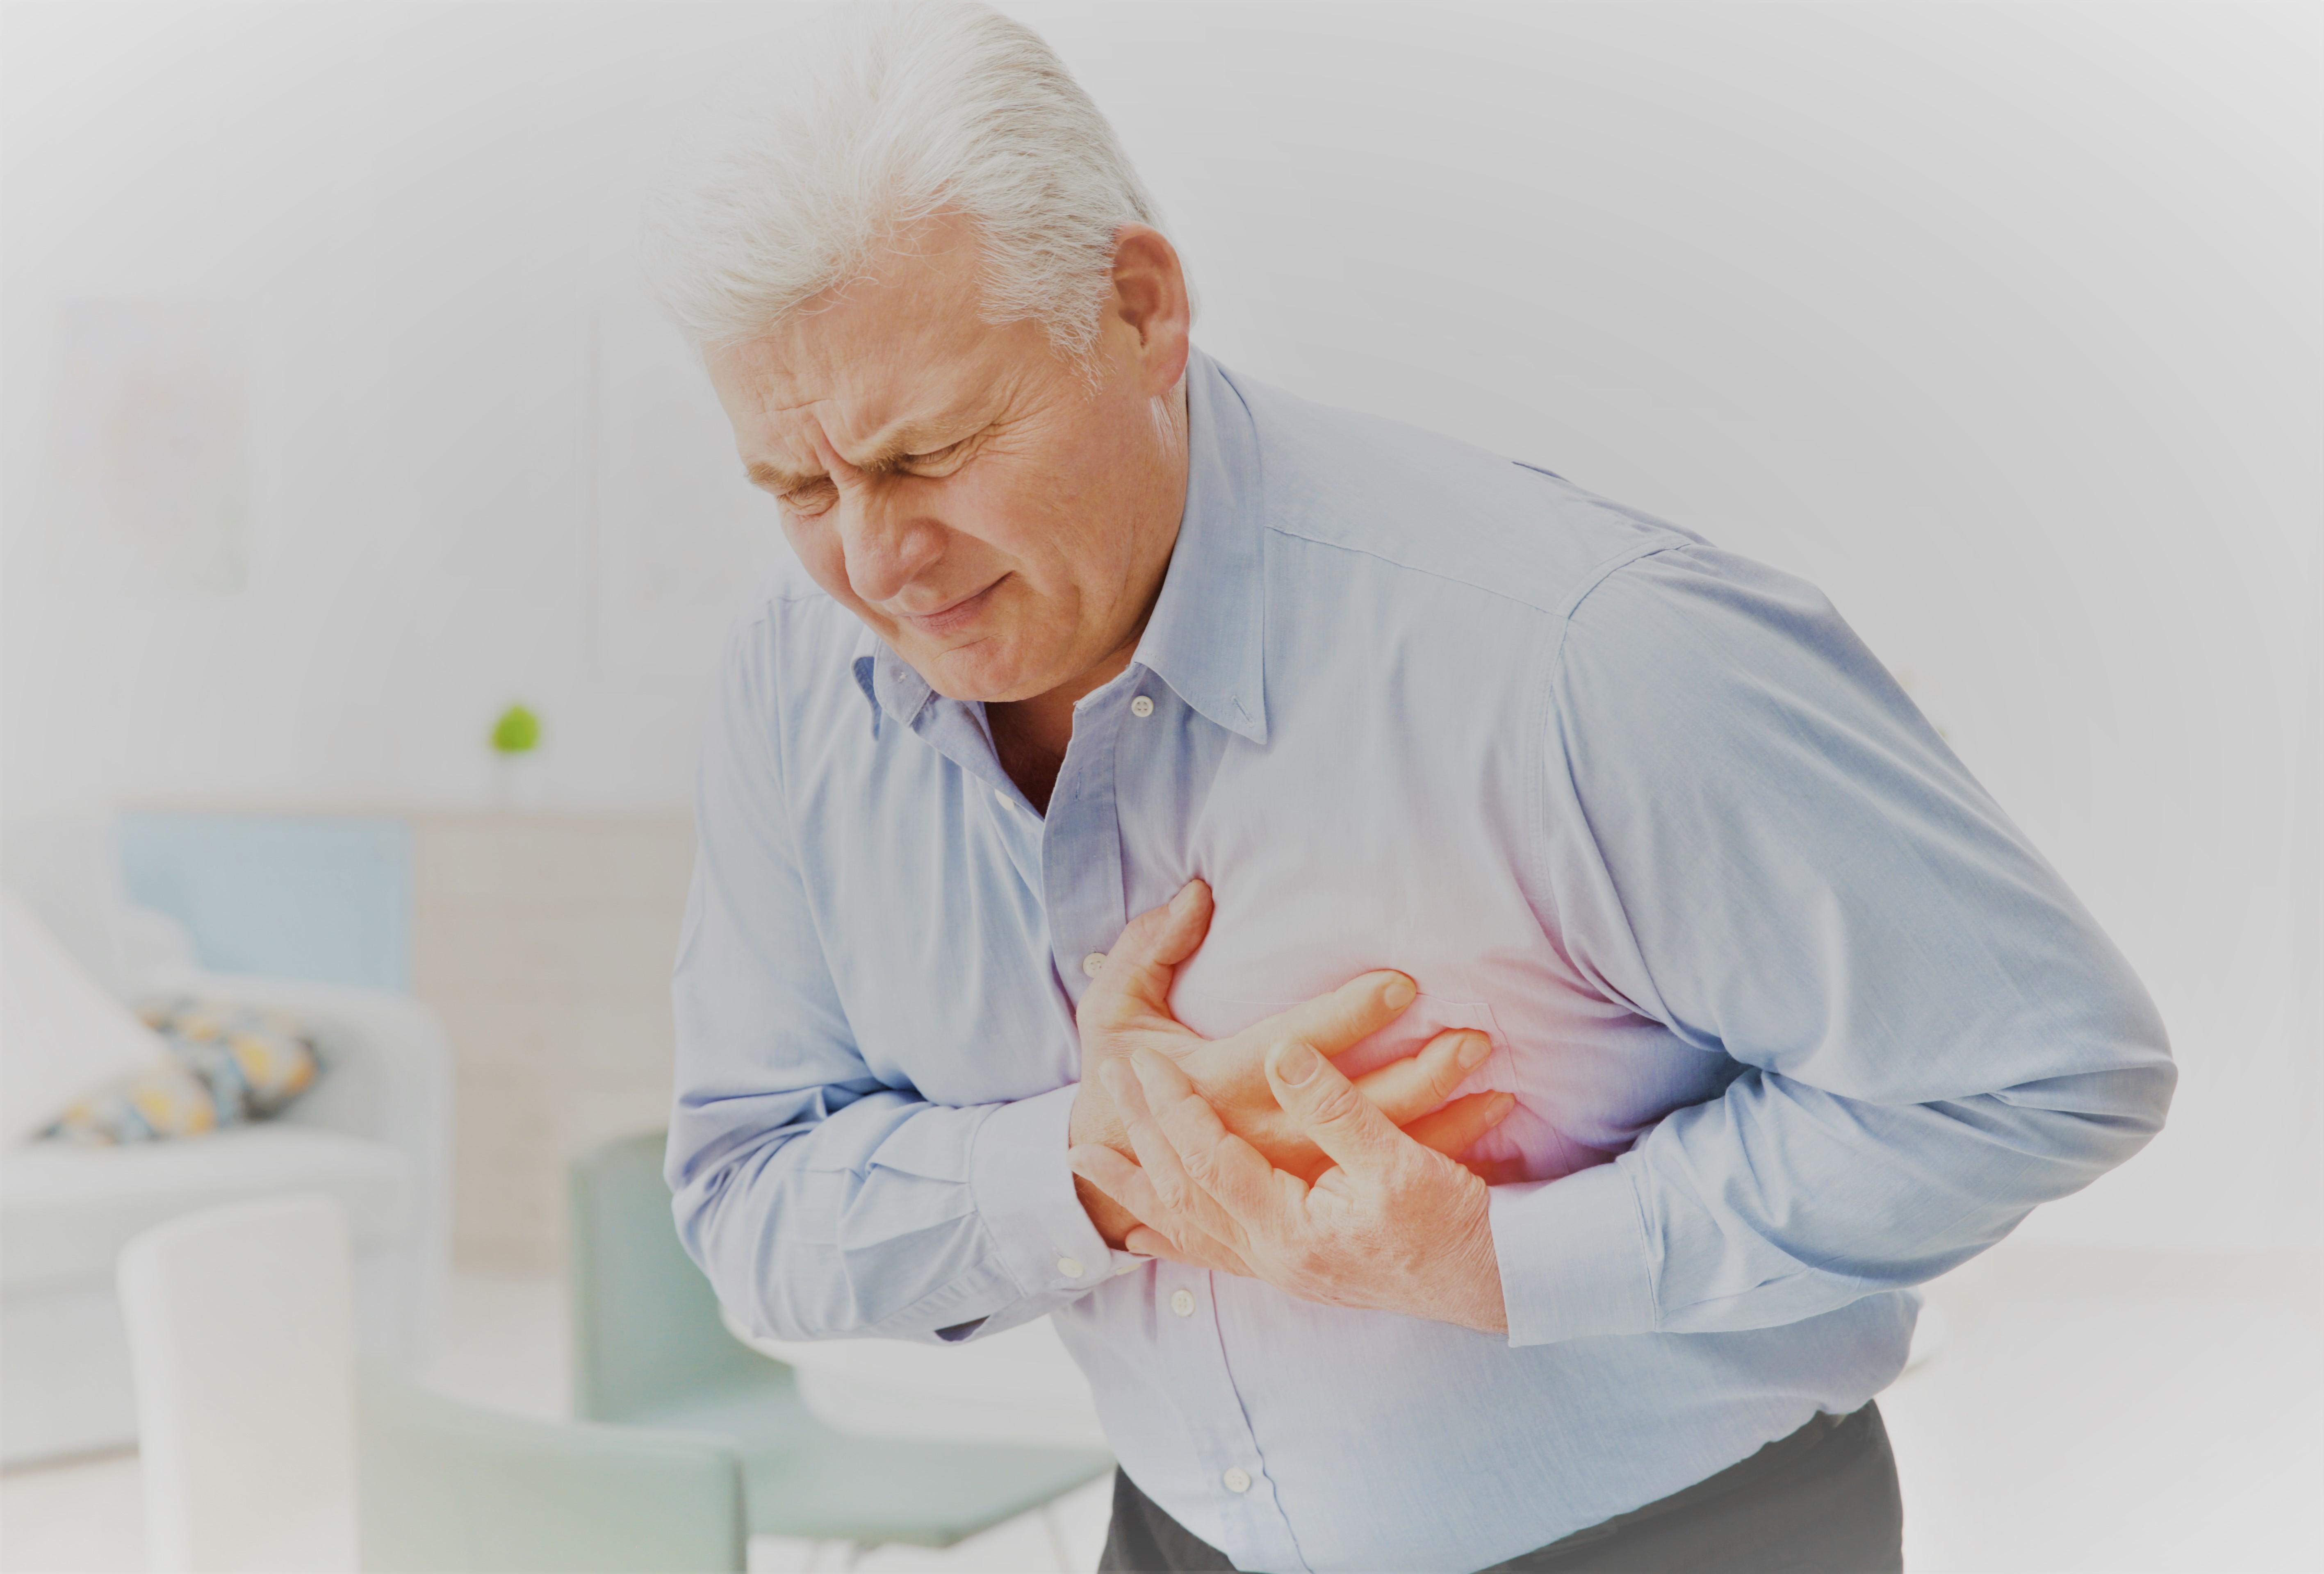 ujjízületi fájdalom, amikor megnyomják